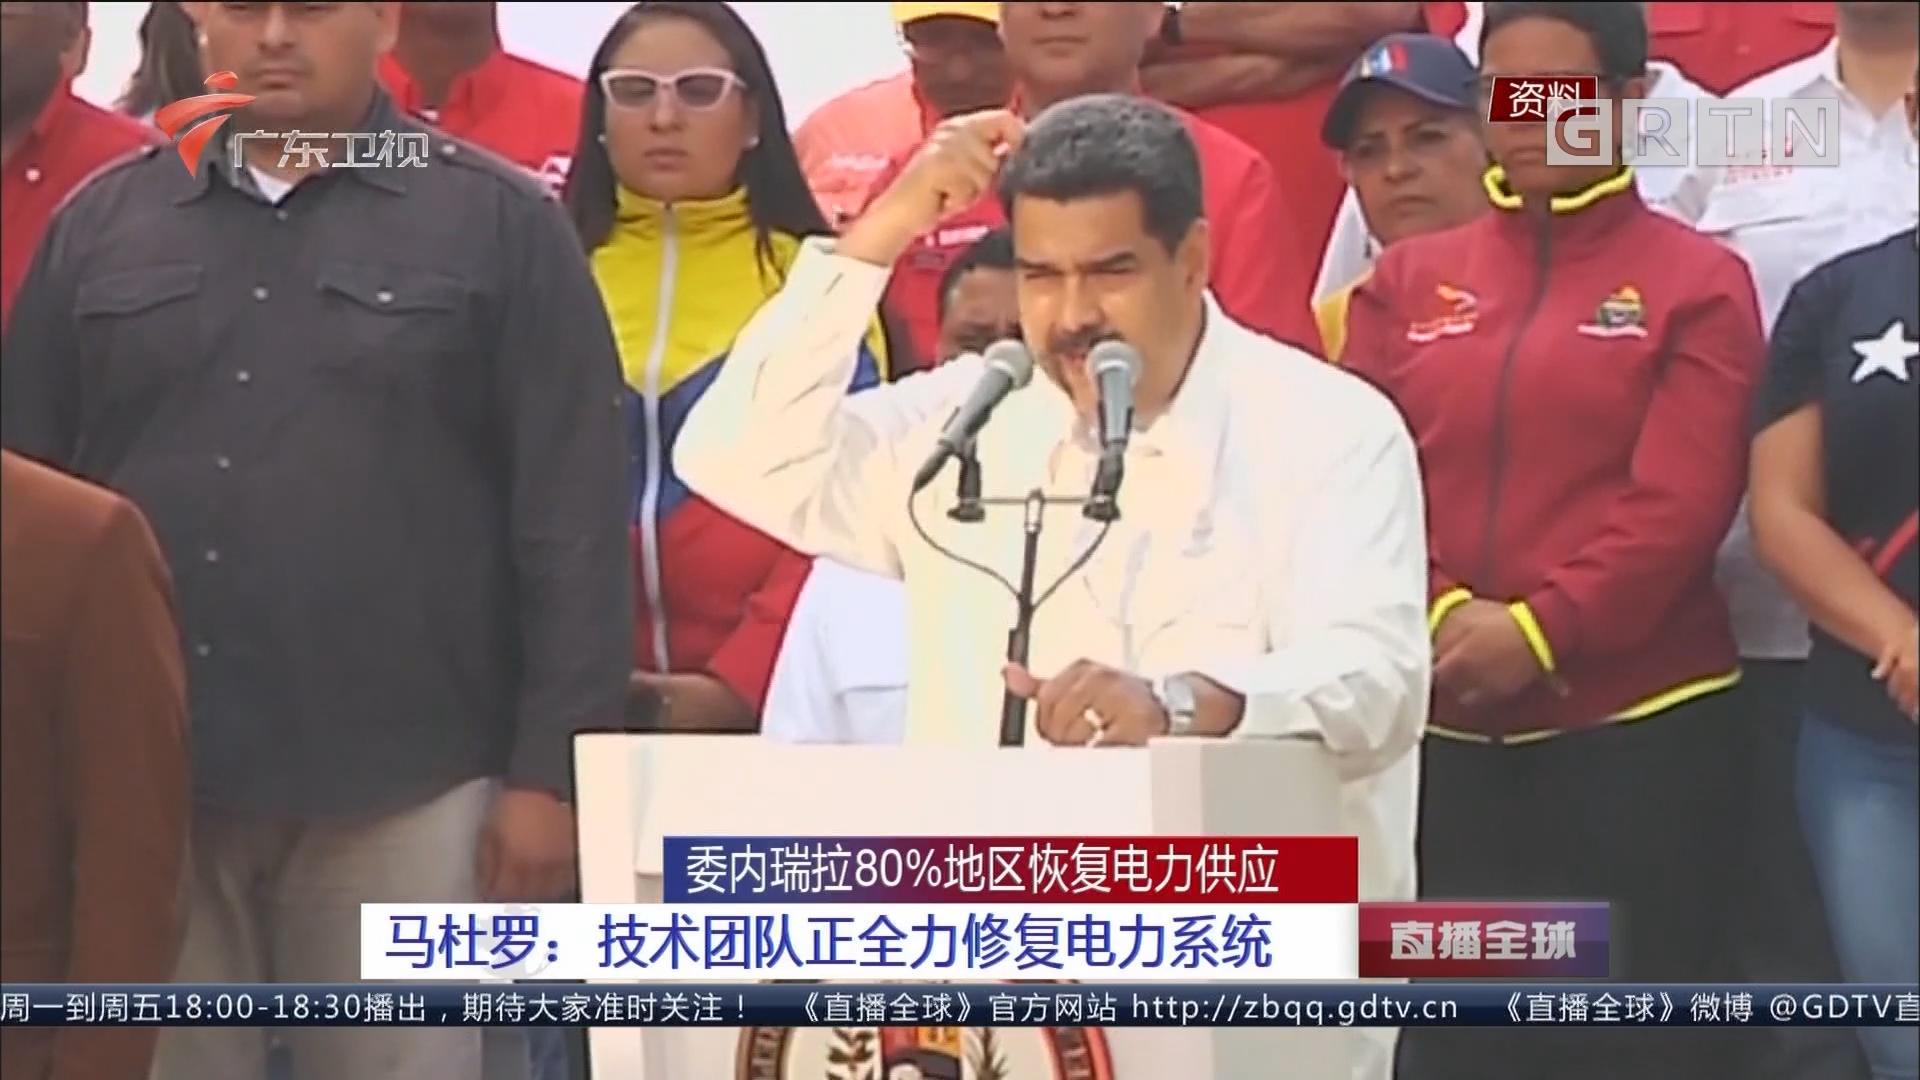 委内瑞拉80%地区恢复电力供应 马杜罗:技术团队正全力修复电力系统